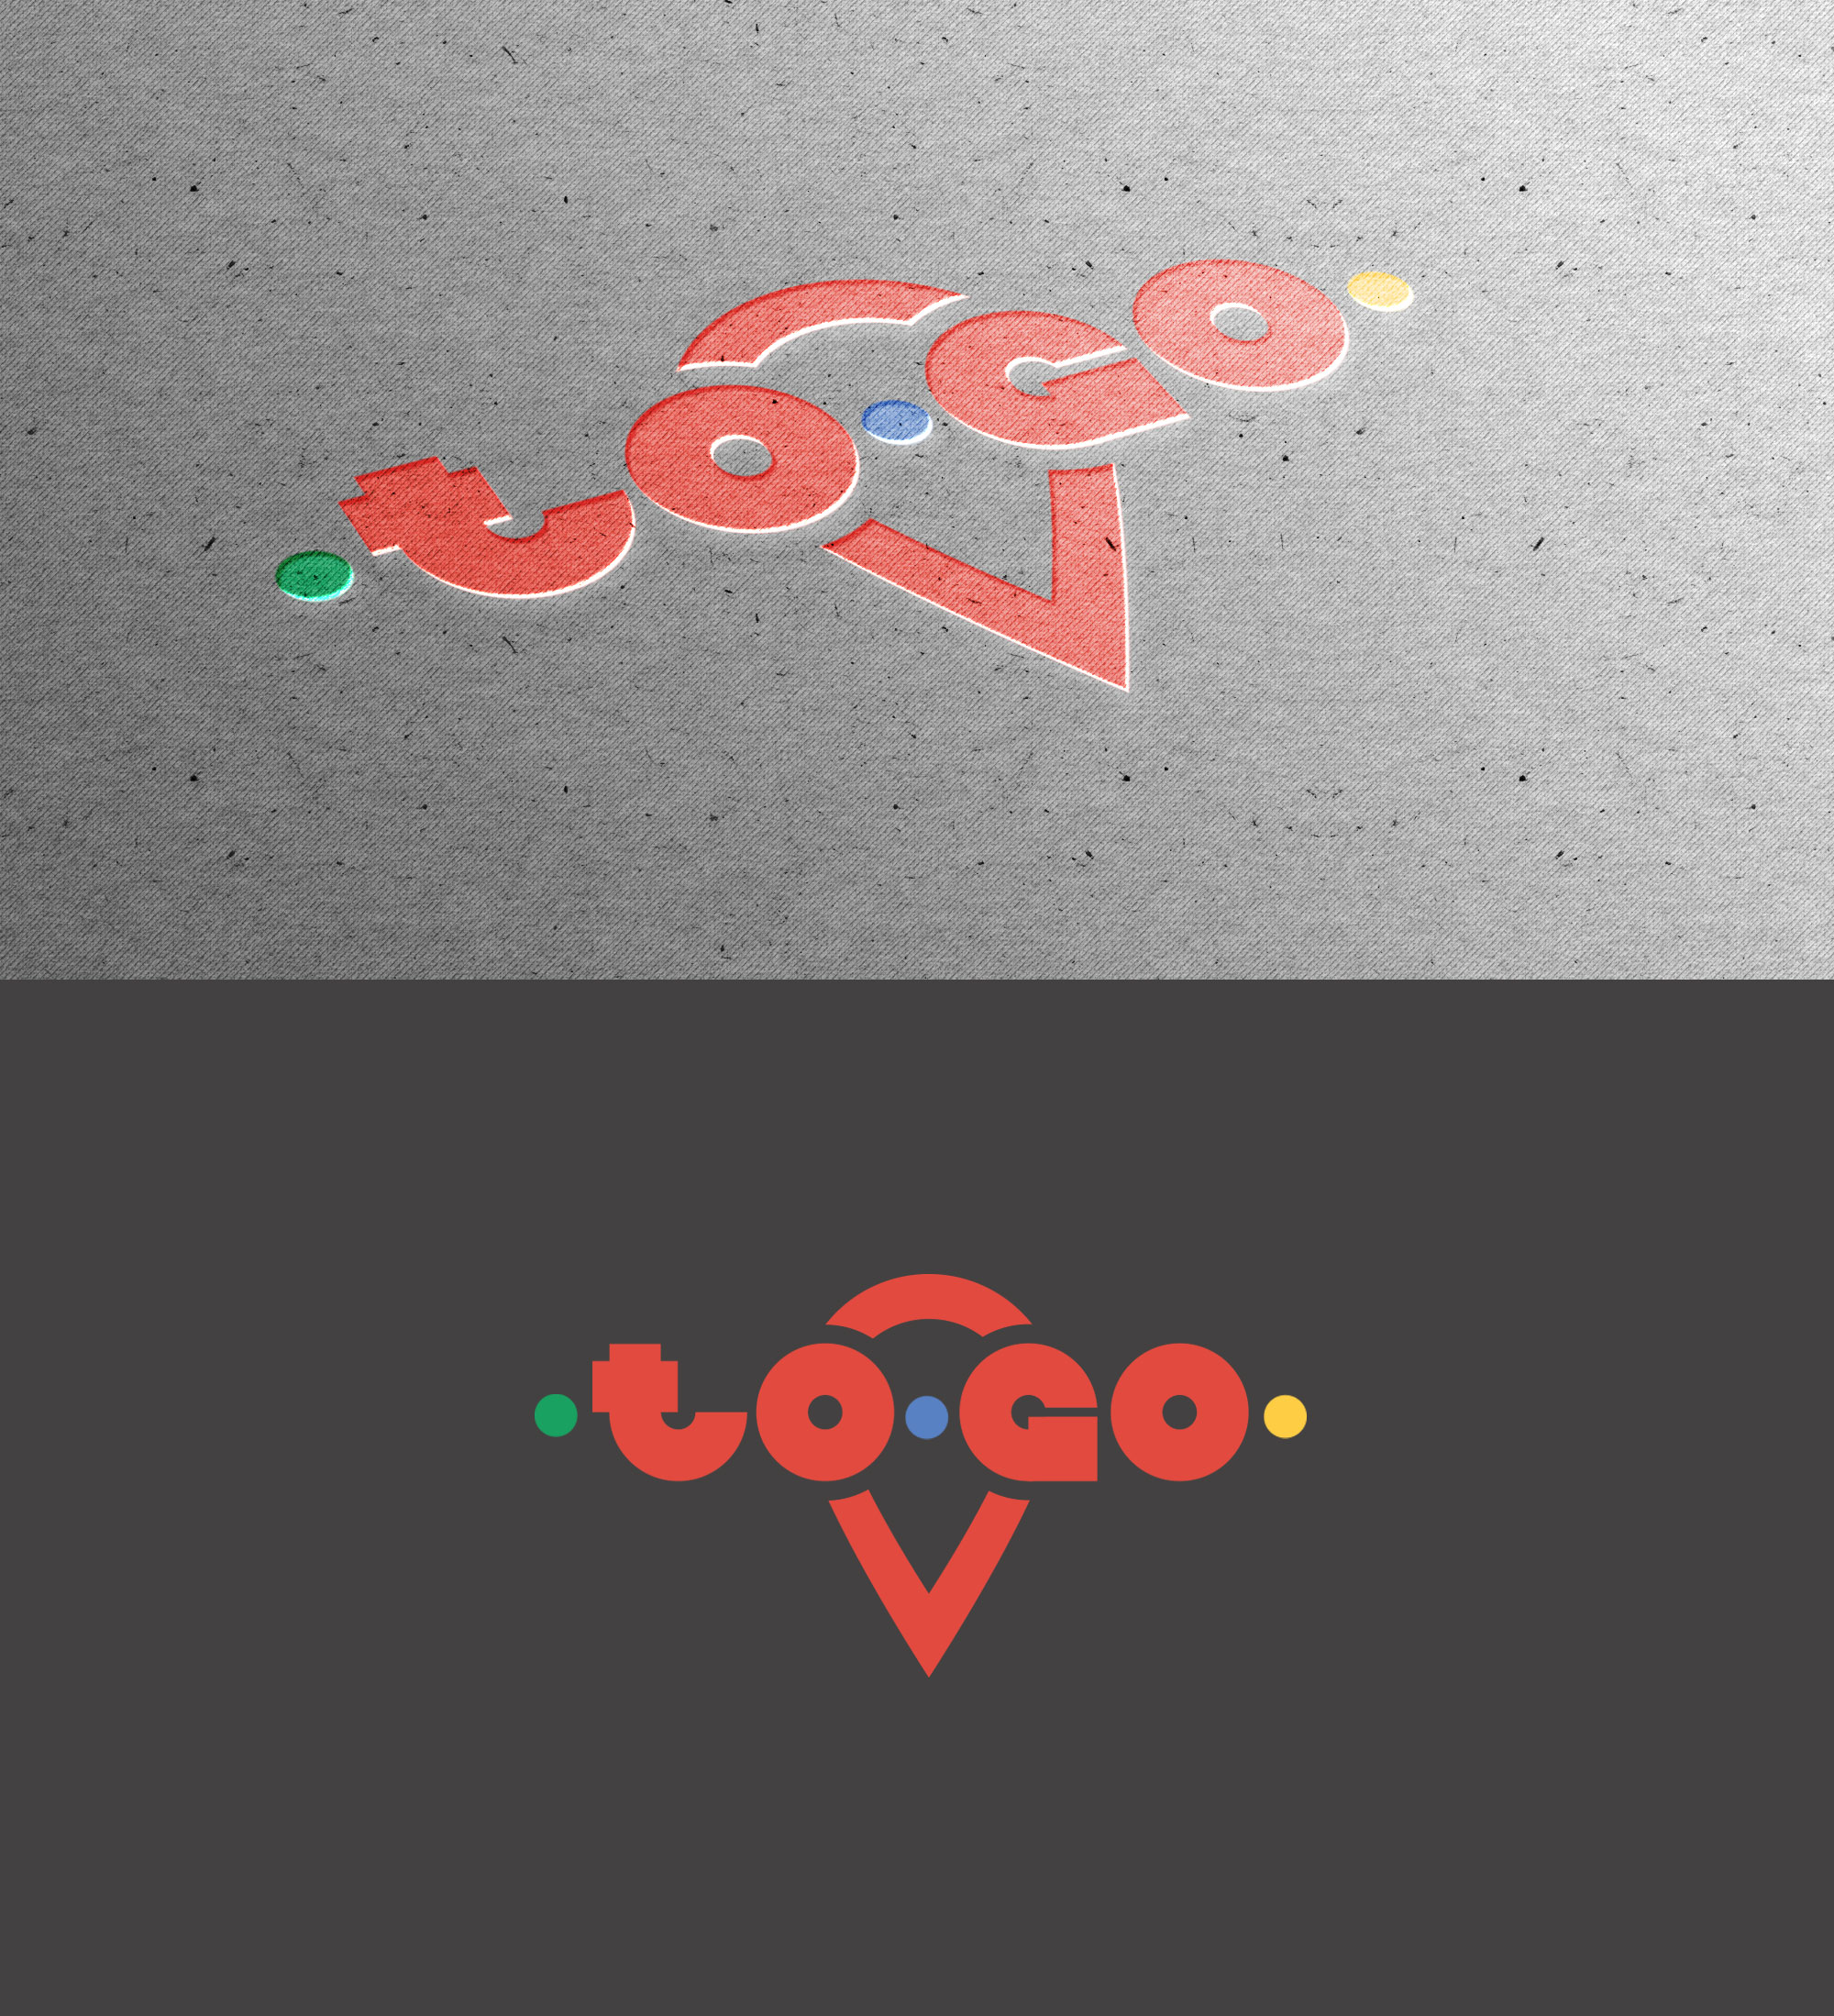 Разработать логотип и экран загрузки приложения фото f_7825a9af842b4550.jpg